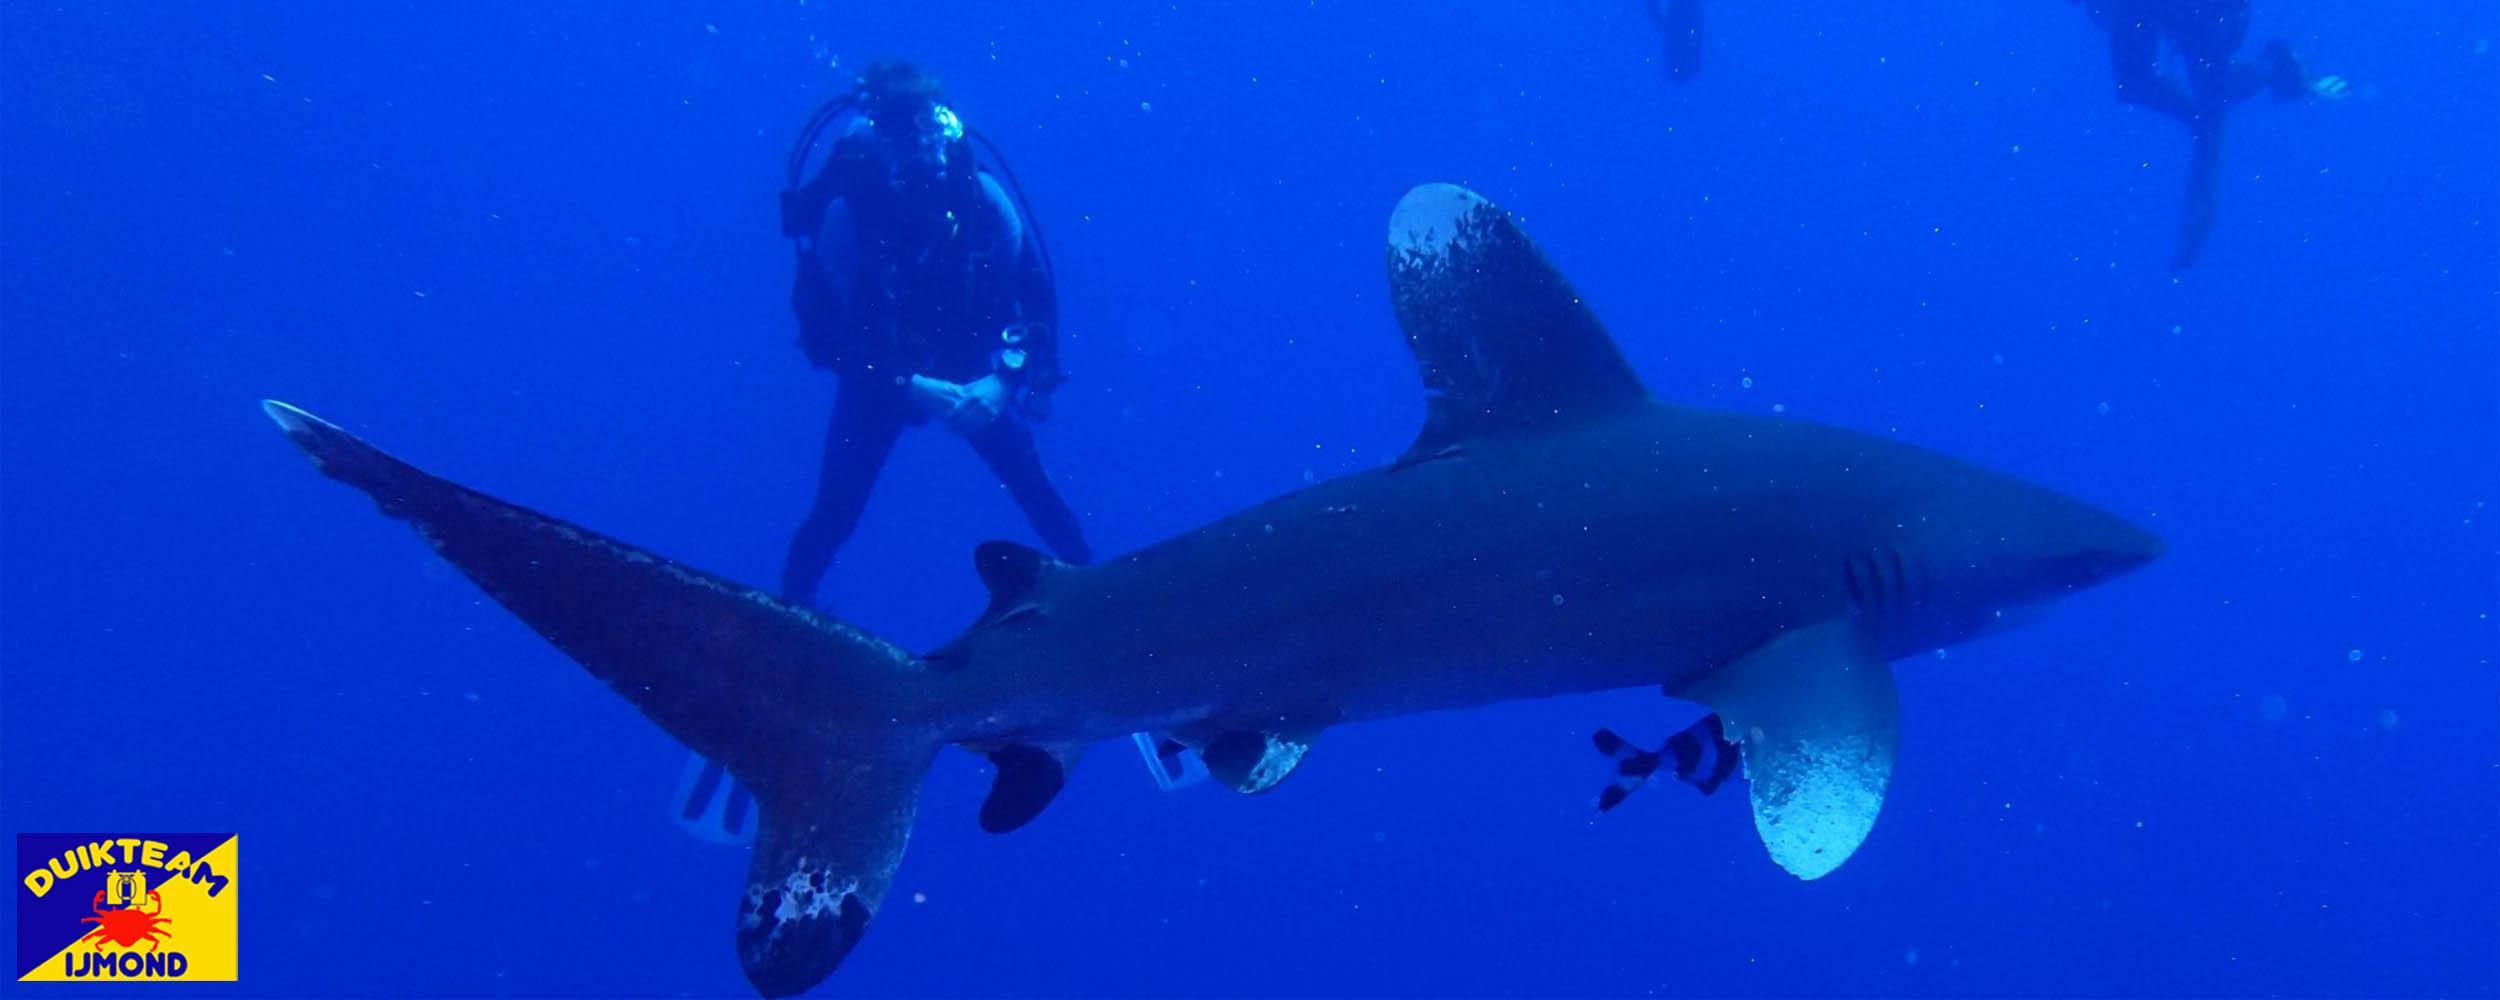 duikteam ijmond duiken met haaien in de rode zee